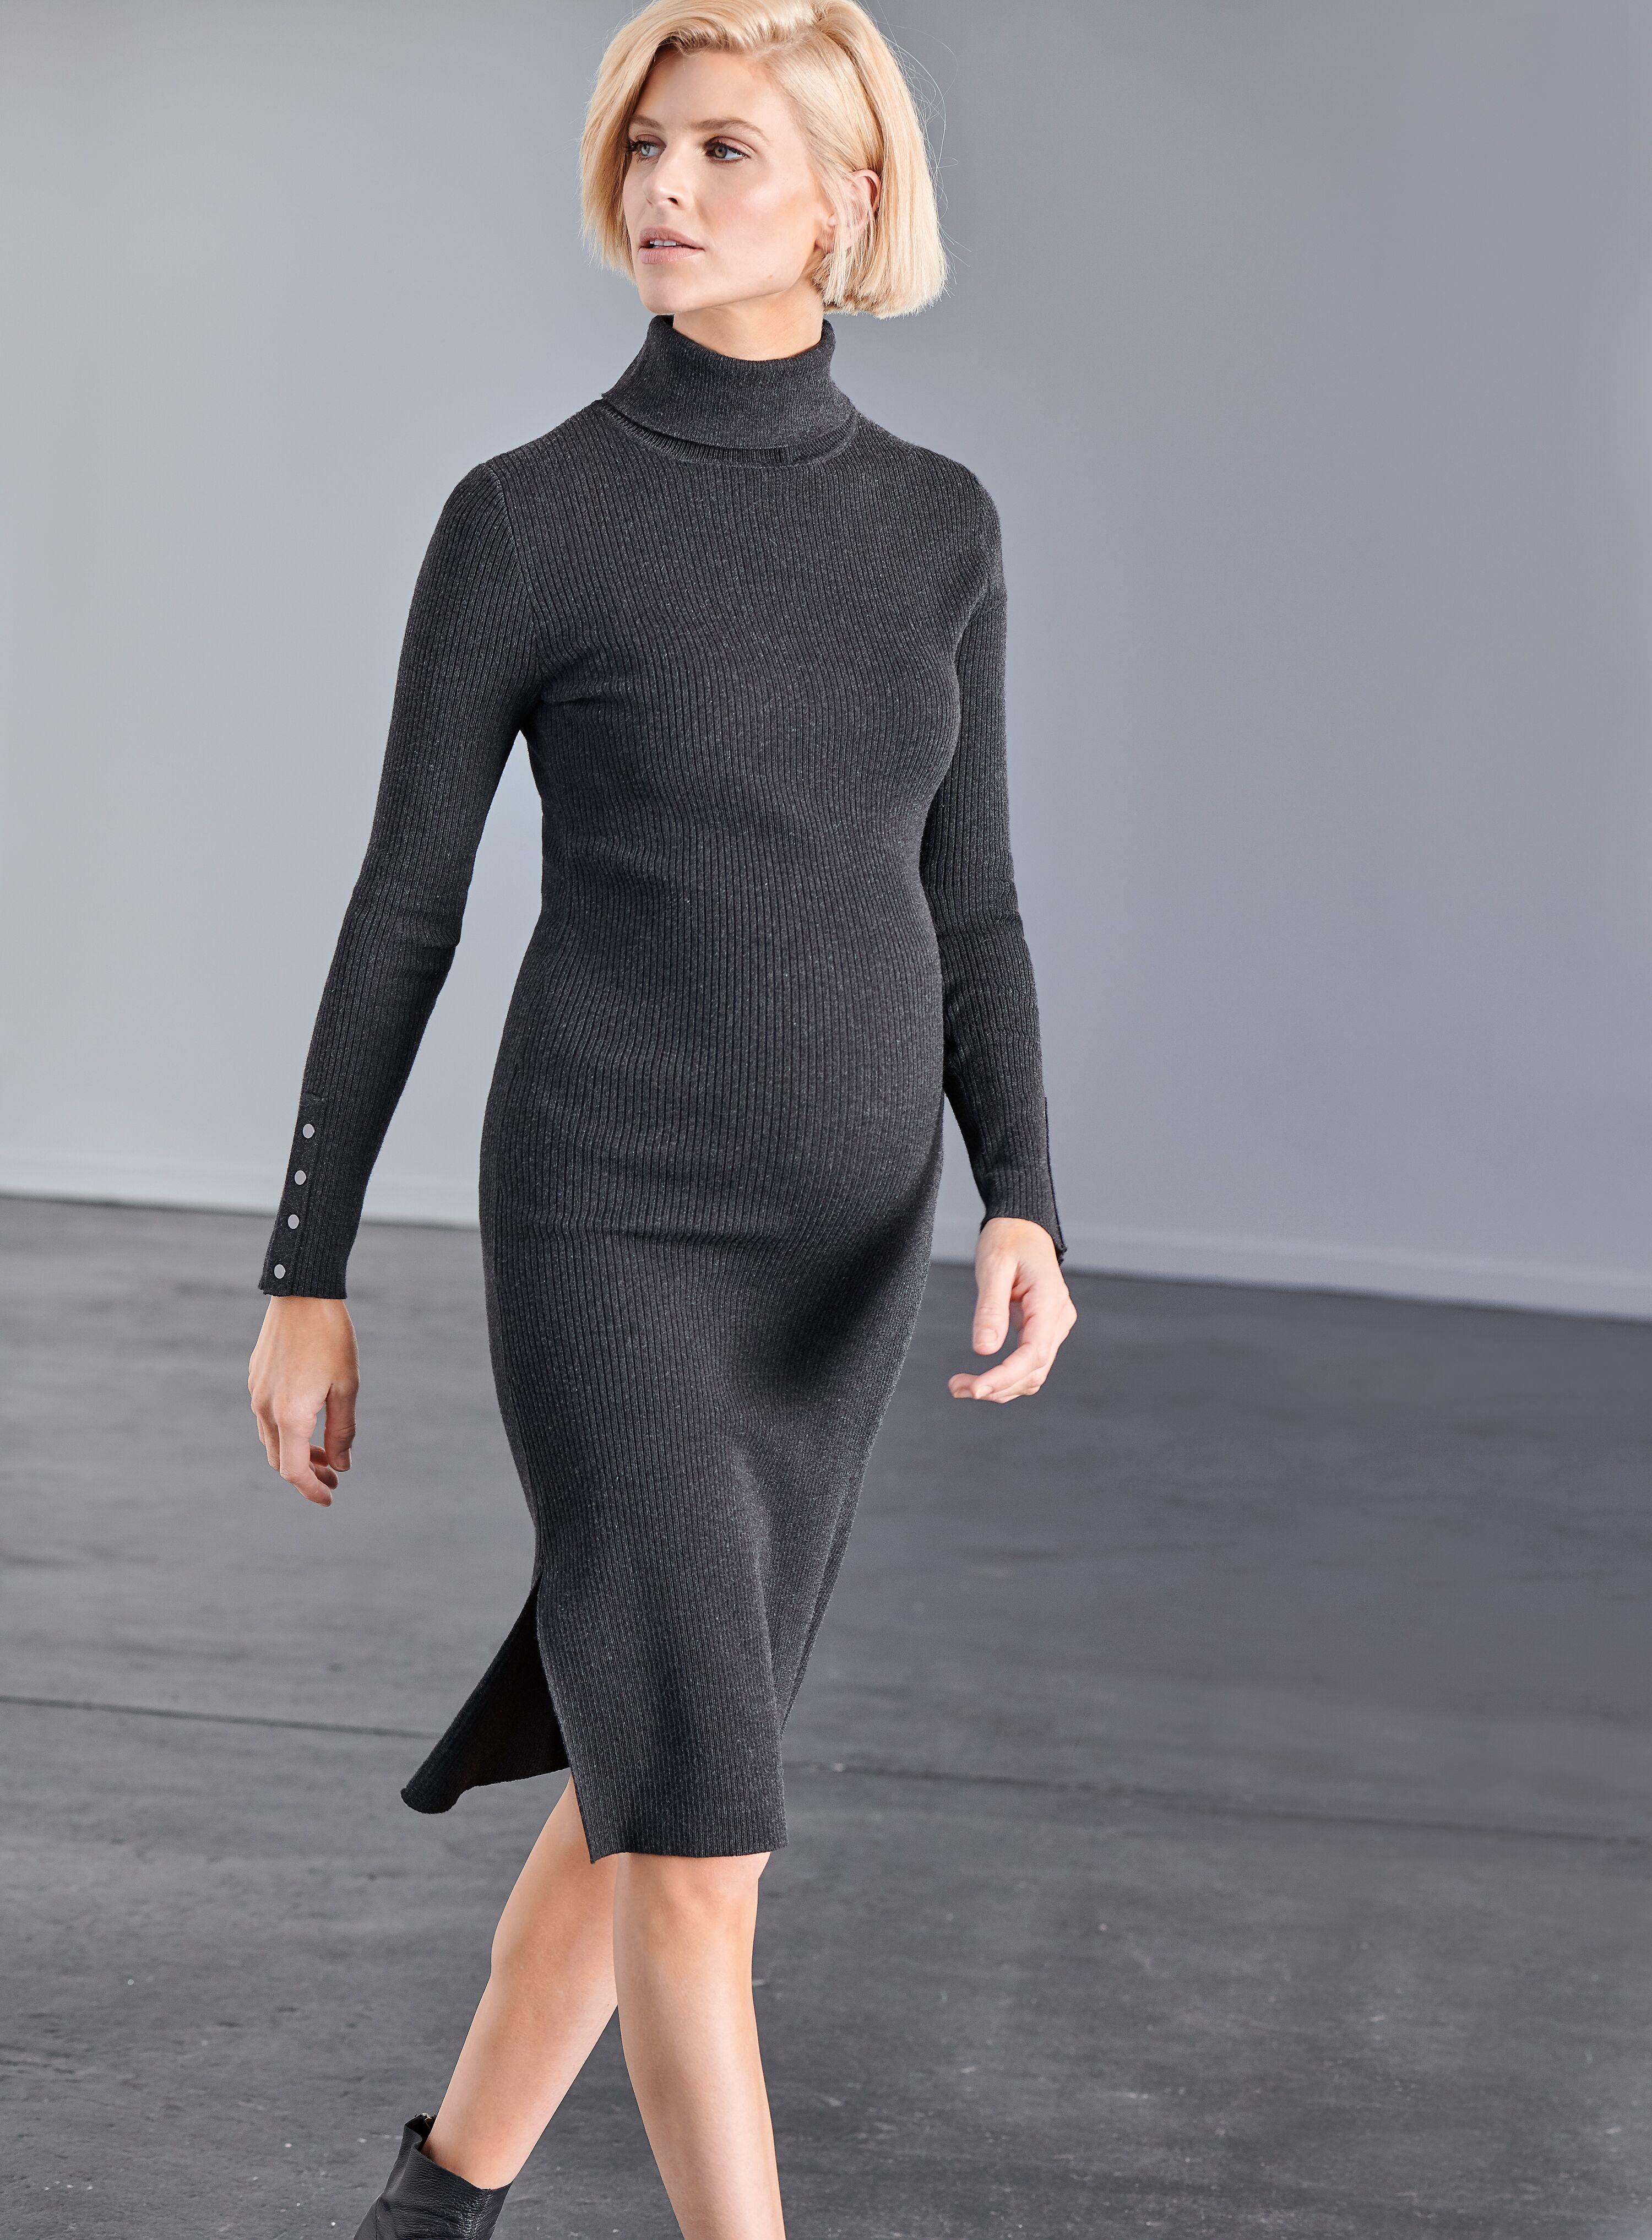 cfd992b18f Ripe Dakota Roll Neck Rib Dress – Charcoal – Maternal Instinct